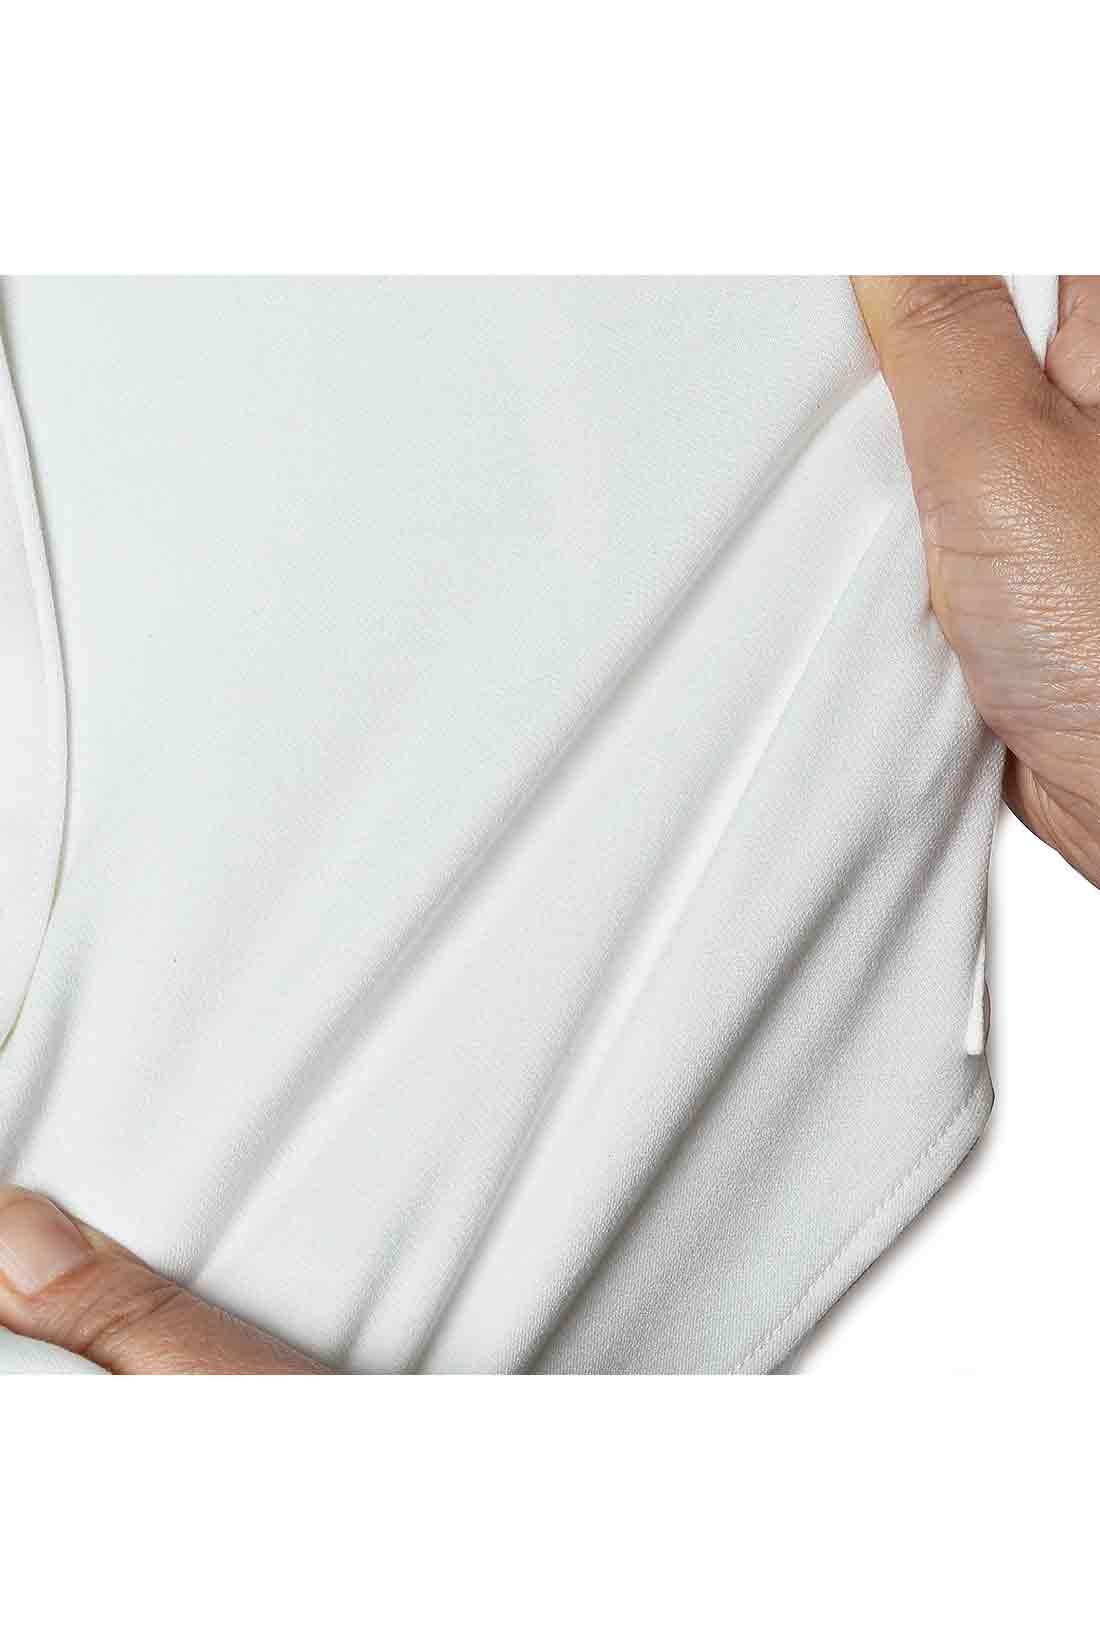 伸びやかストレッチ 実はカットソー素材だから適度なストレッチ性でコンパクトなシルエットながらストレスの少ない着心地。